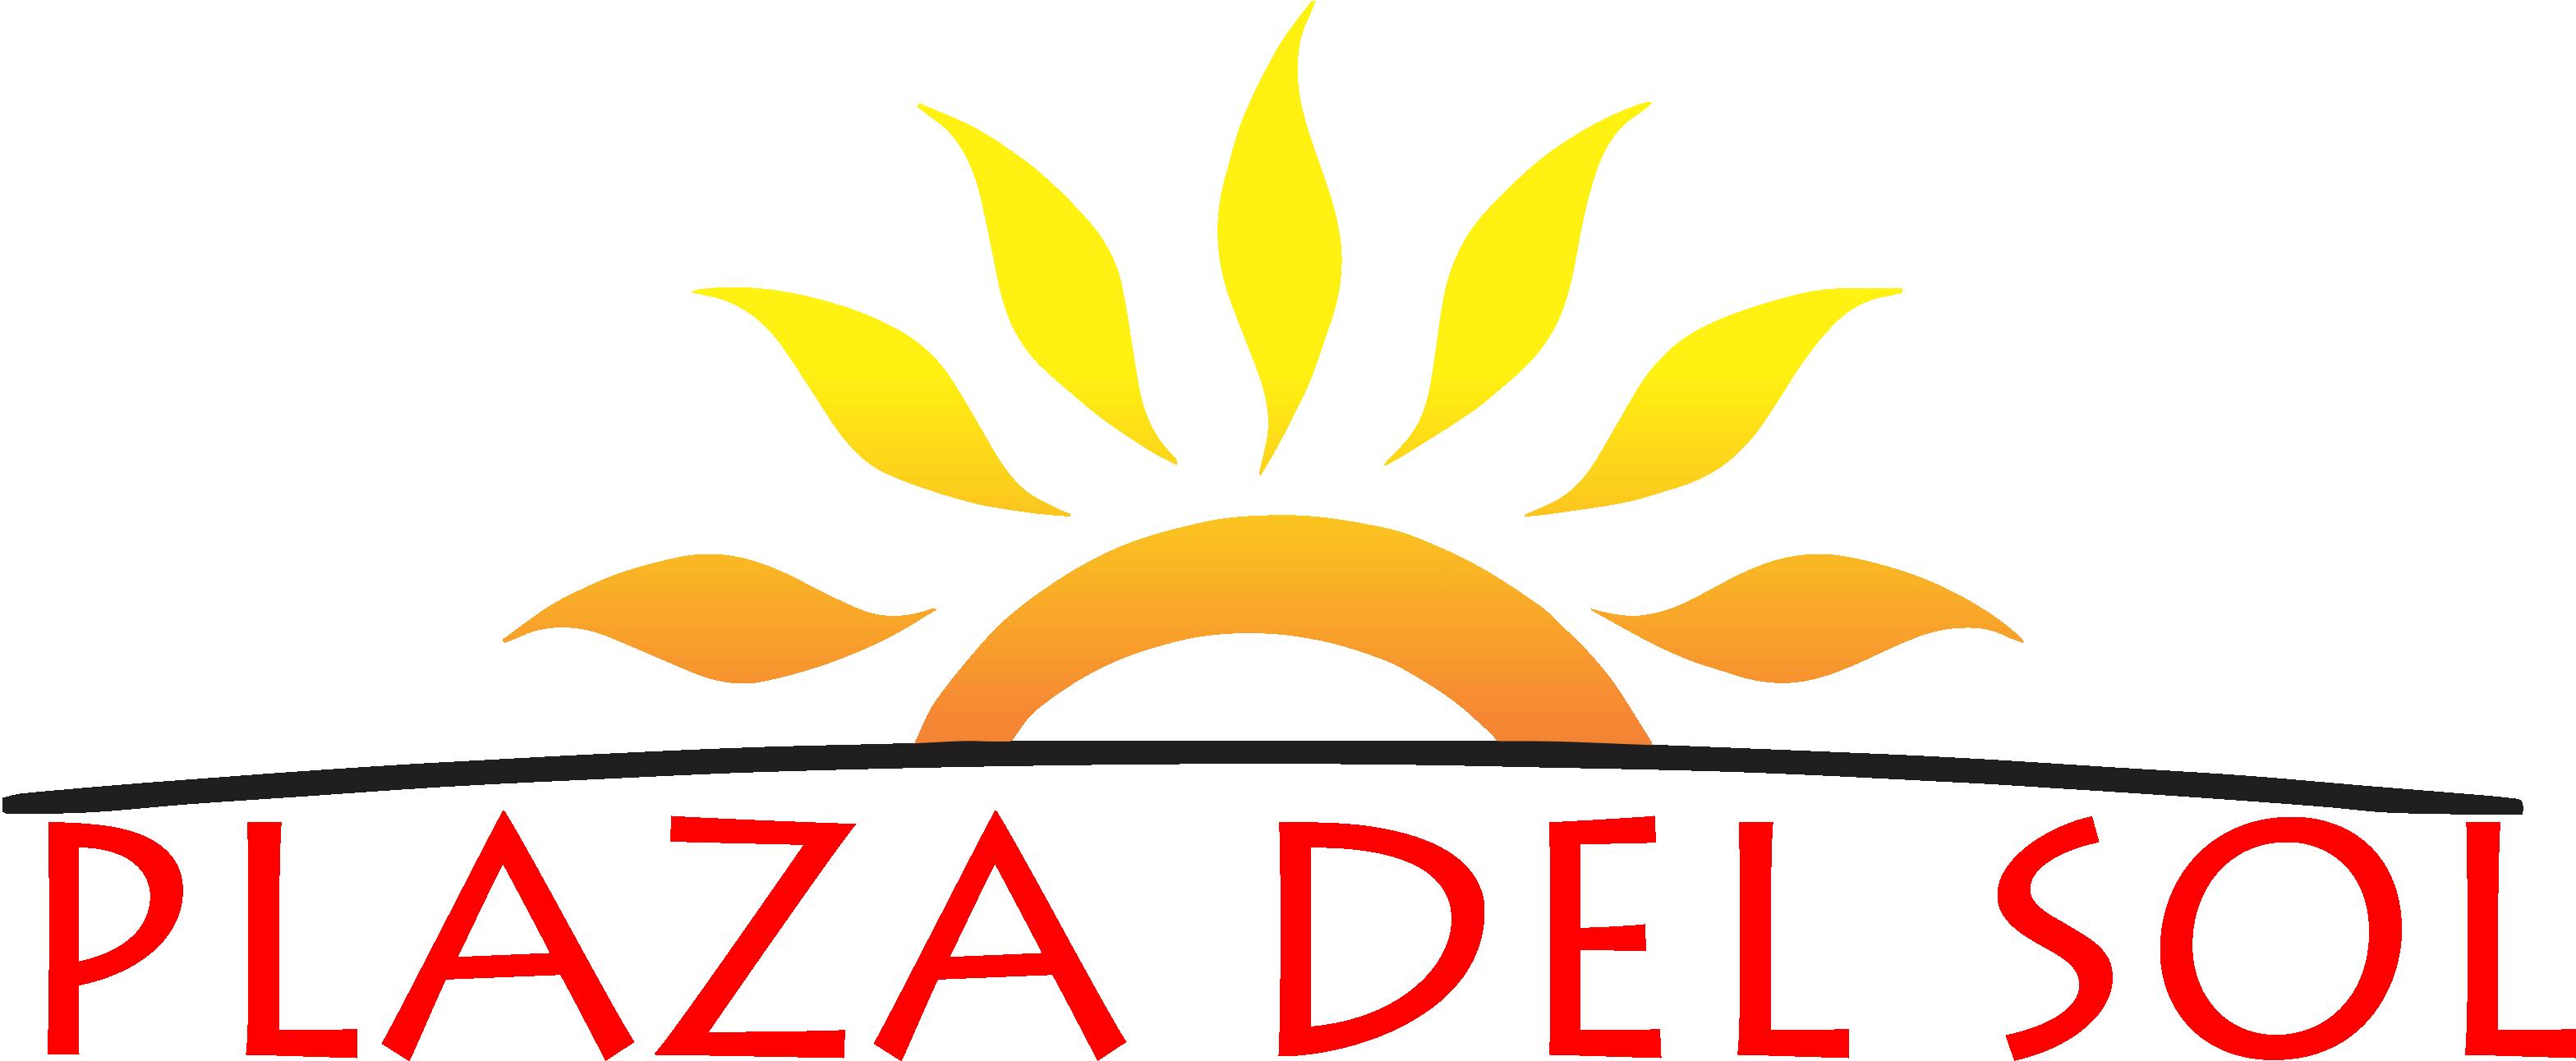 Plaza del sol mall del rio texas for Plaza del sol